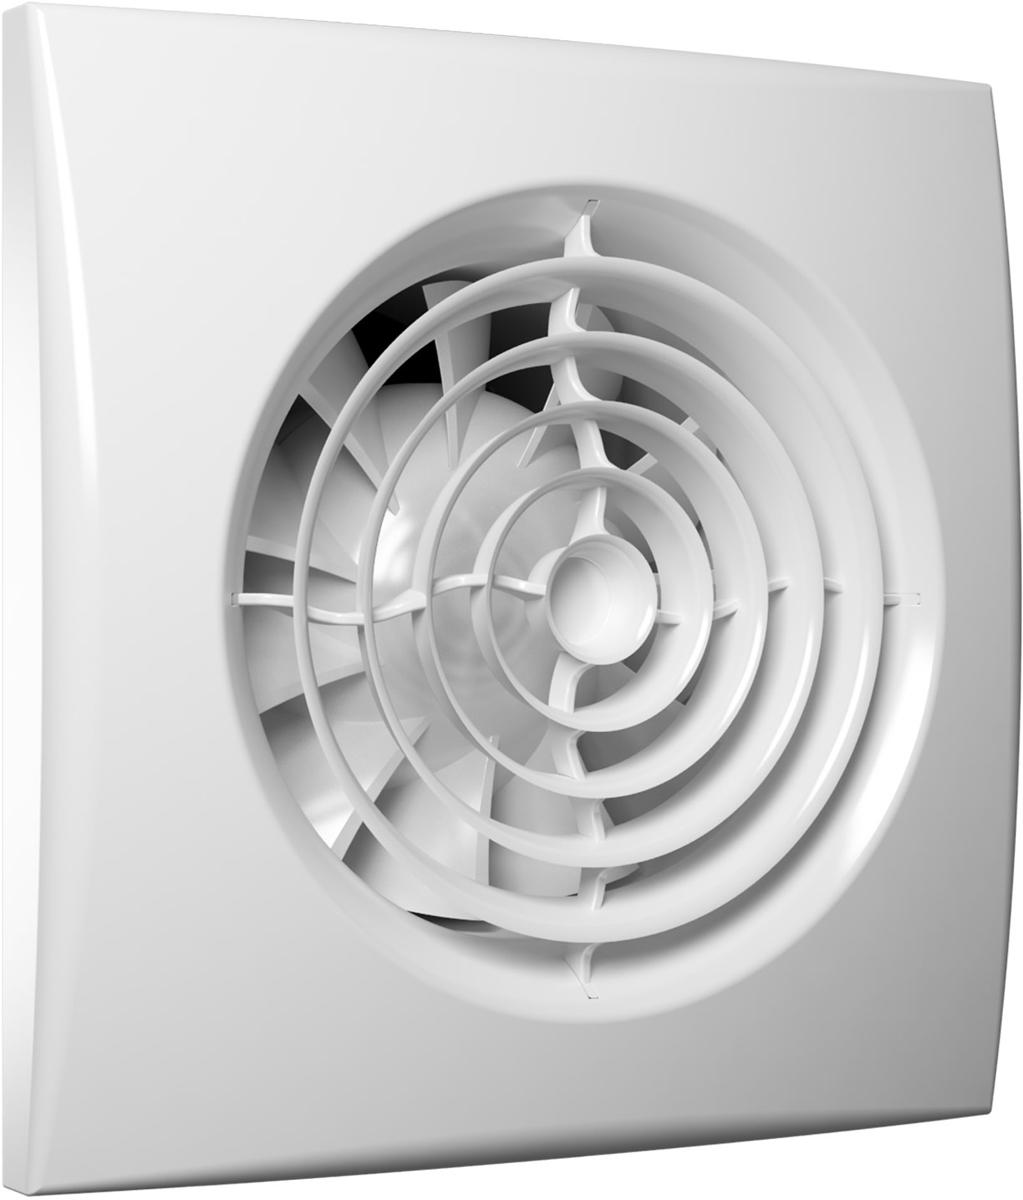 DiCiTi Aura 4 вентилятор осевой вытяжнойAURA 4Вентилятор серии AURA с диаметром фланца 100мм. AURA - бесшумные вентиляторы. Крыльчатка аэродинамической формы обеспечивает вентилятору высокую производительность и низкий уровень шума. Оснащен двигателем на шарикоподшипниках с увеличенным сроком службы (до 40 000 рабочих часов), защитой от перегрева и пониженным энергопотреблением. Корпус дополнительно оборудован резиновыми вставками, обеспечивающими высокий уровень защиты электронных компонентов вентилятора от воды и пыли, имеет IP25. Электронные компоненты выполнены по бессвинцовой технологии. Классического белого цвета.